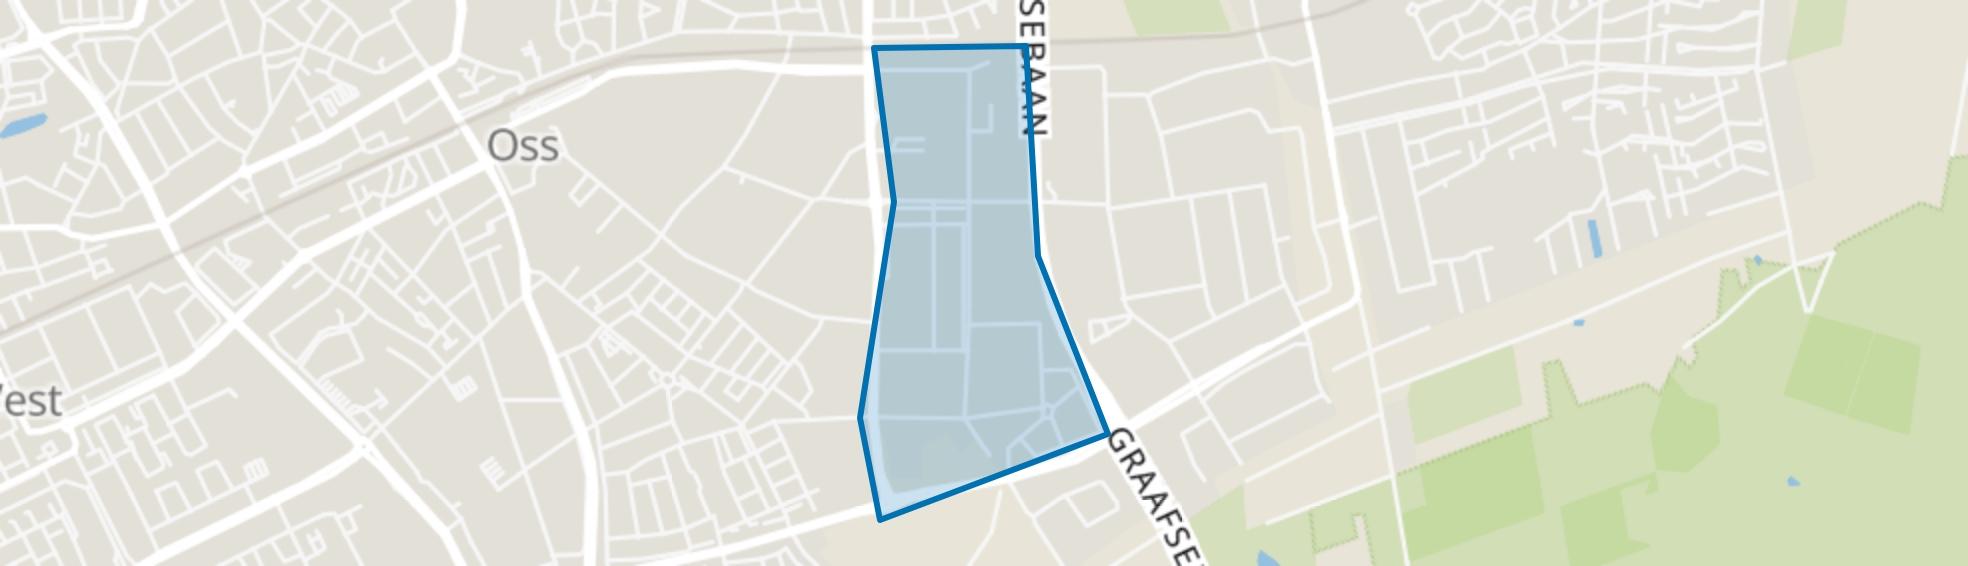 Landweer, Oss map